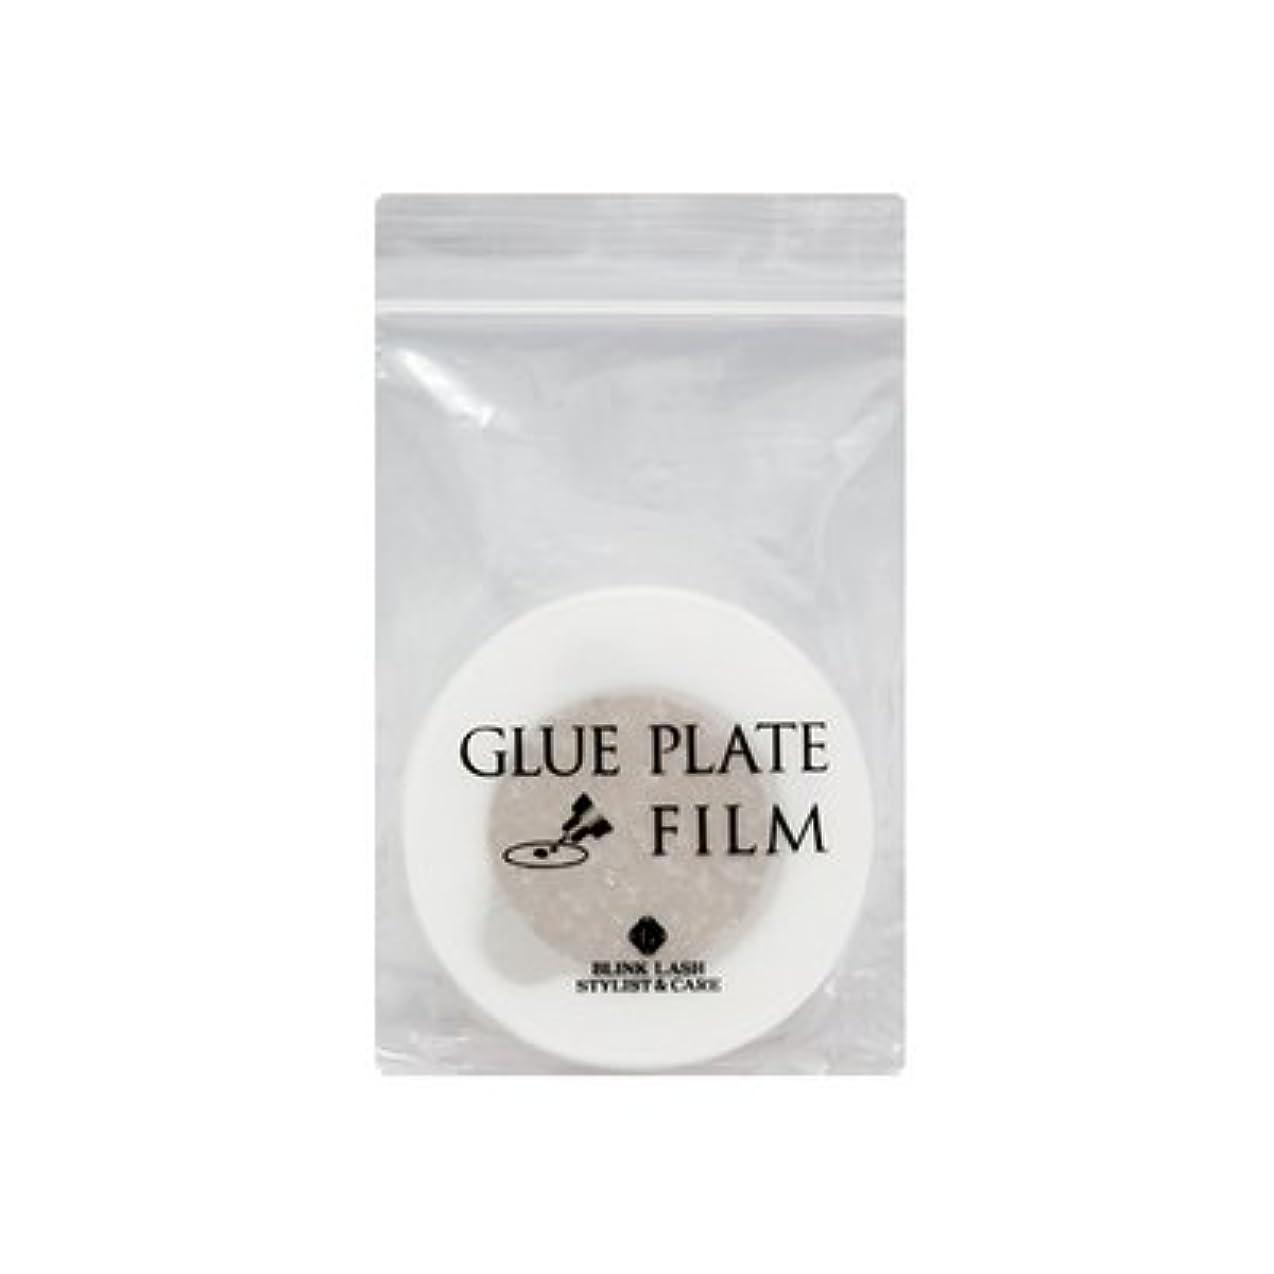 タッチ明らかに夢中【まつげエクステ】BLINK グループレートフィルム〈 30枚入 〉 (50mm)